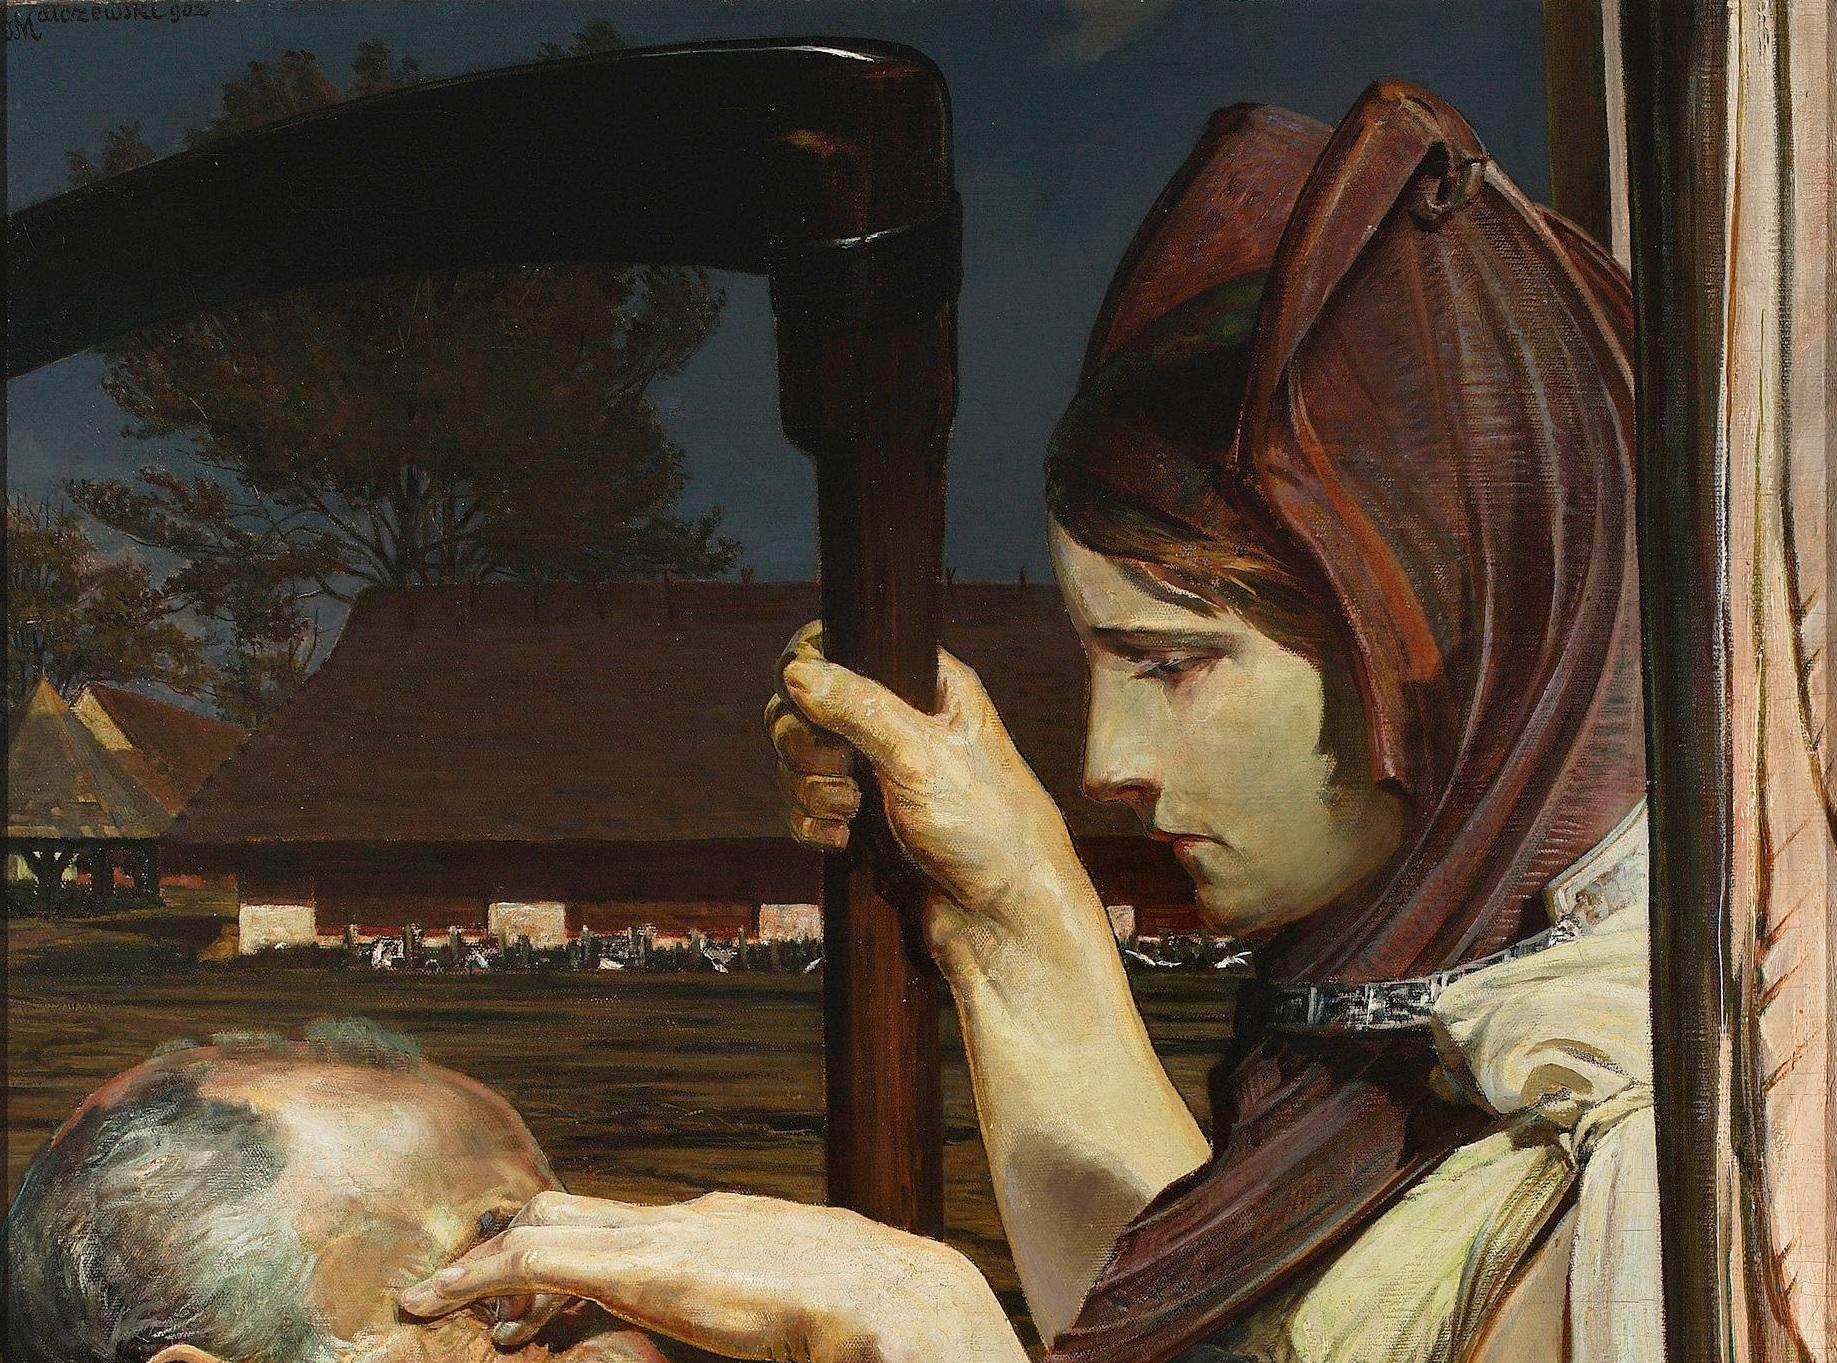 A female death touching an old man's head.